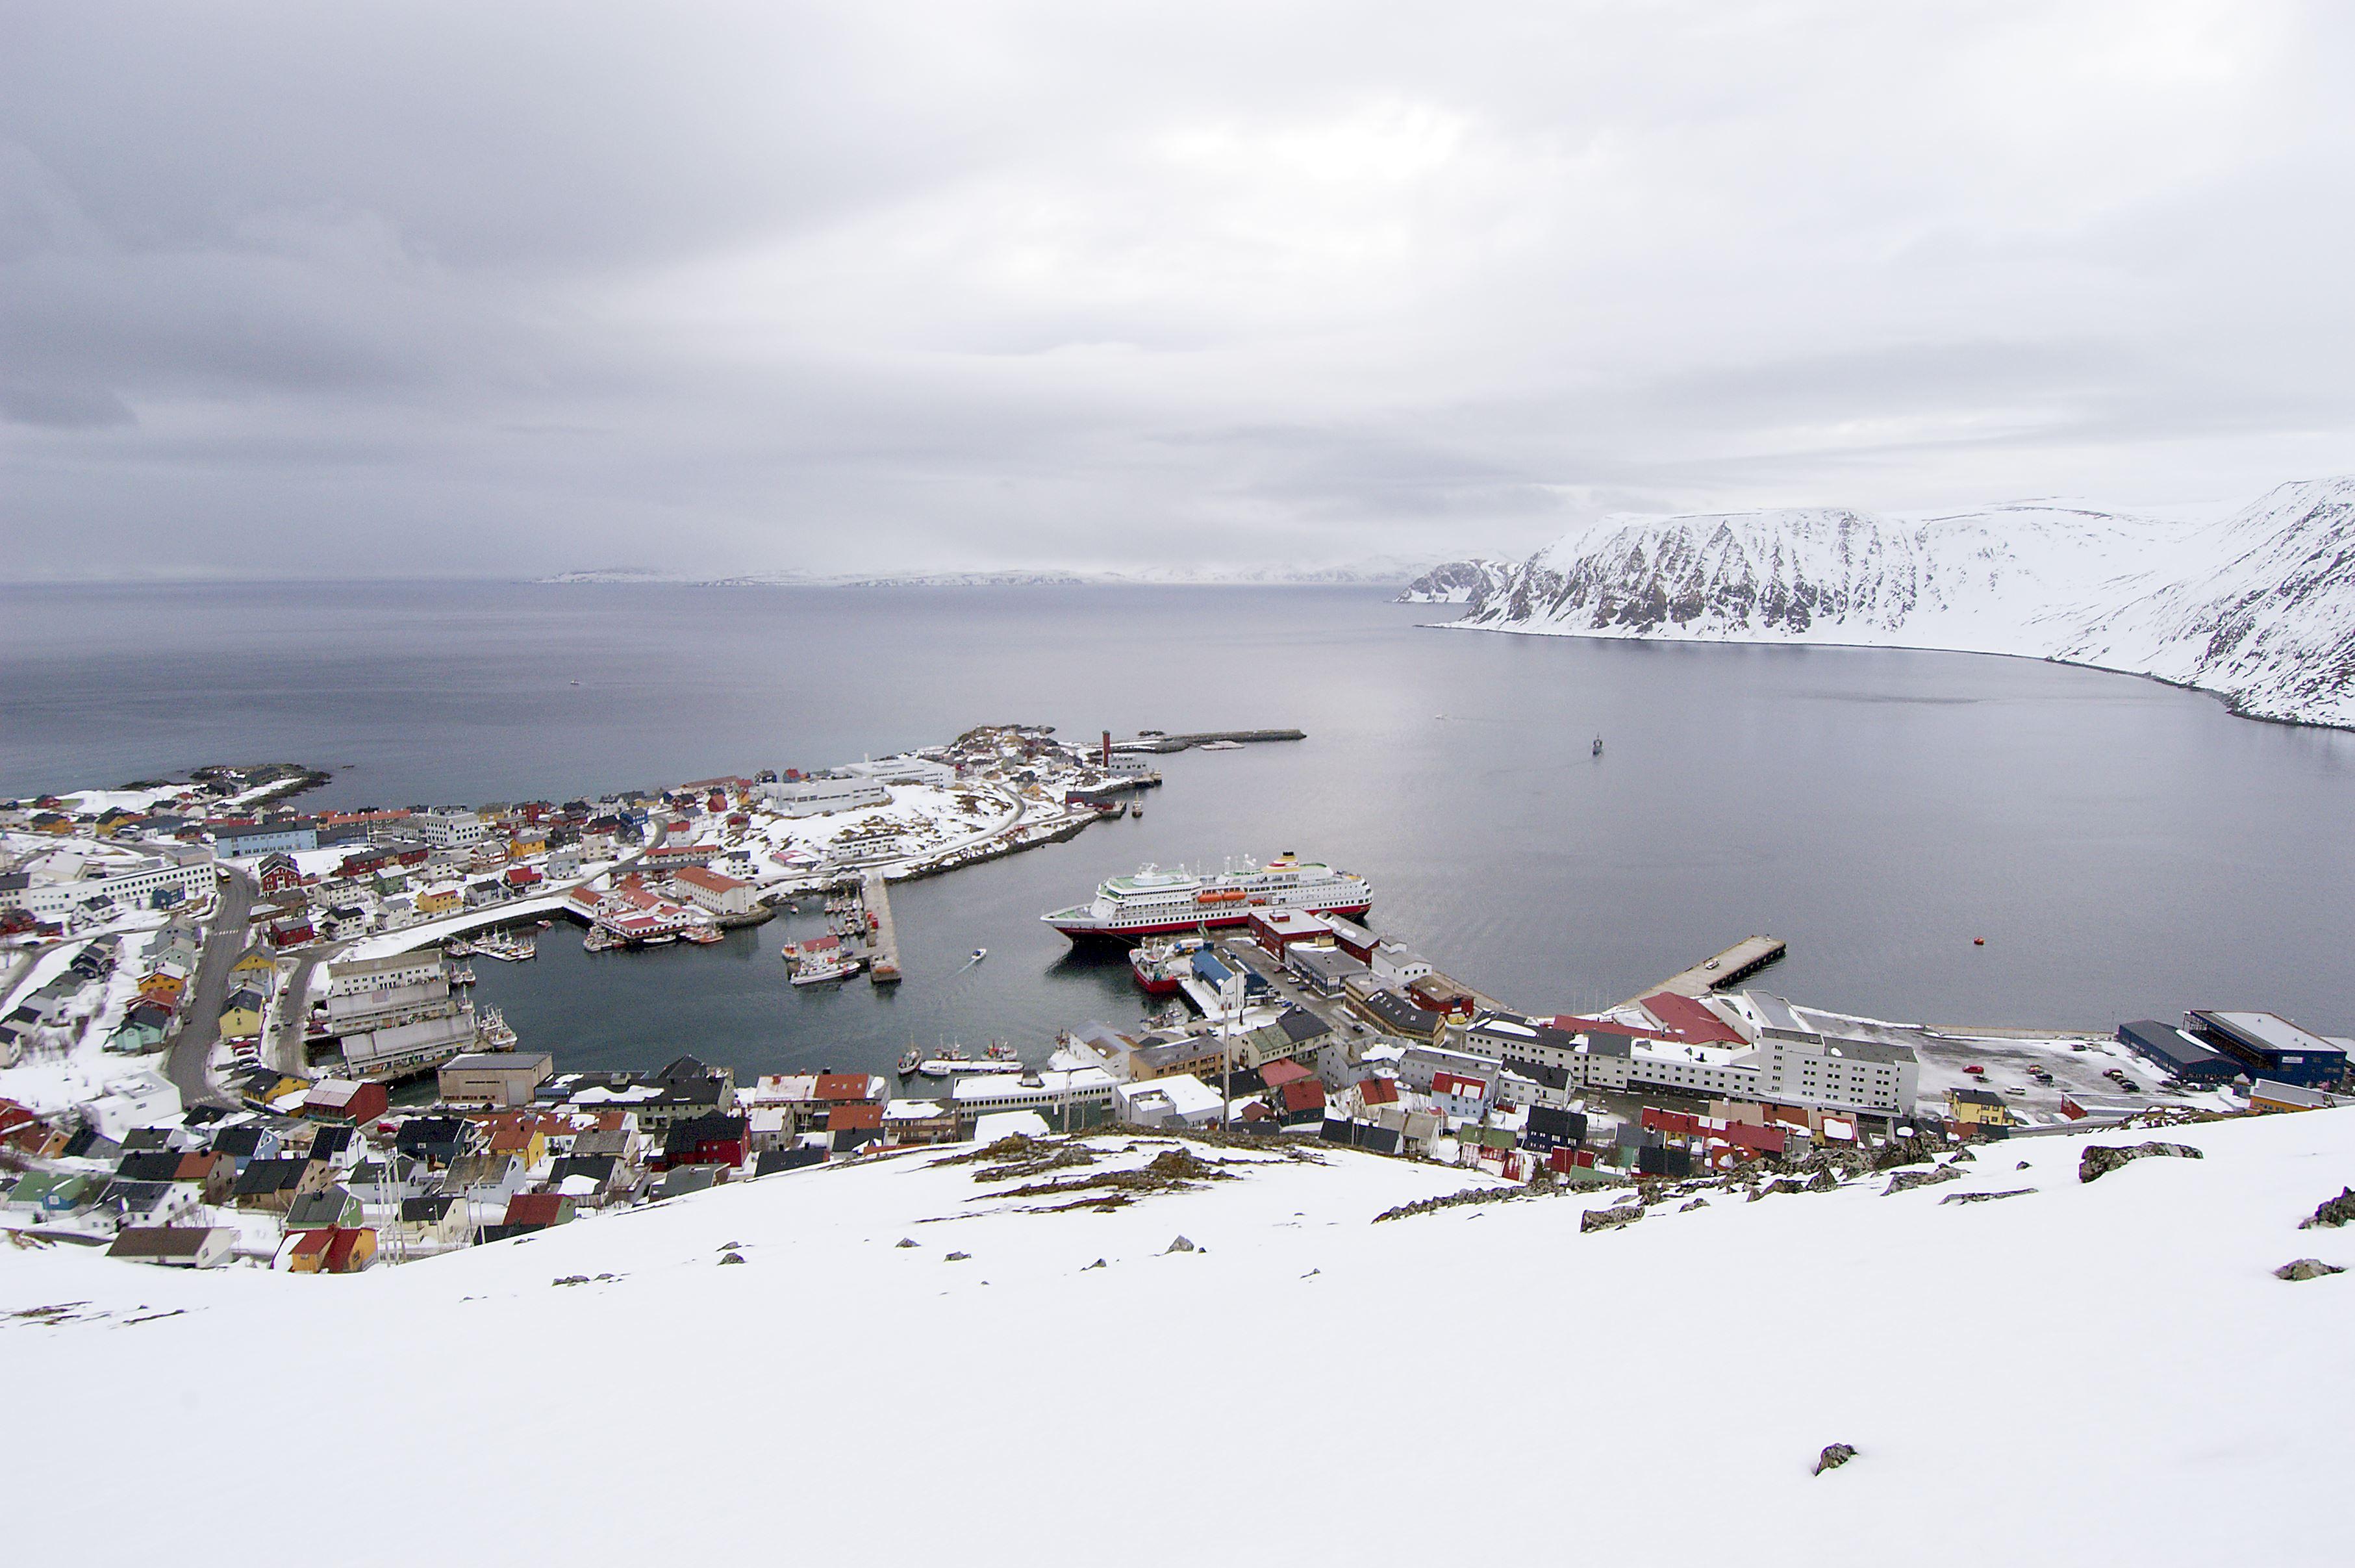 Bjarne Riesto, Touristinformation in Honningsvåg